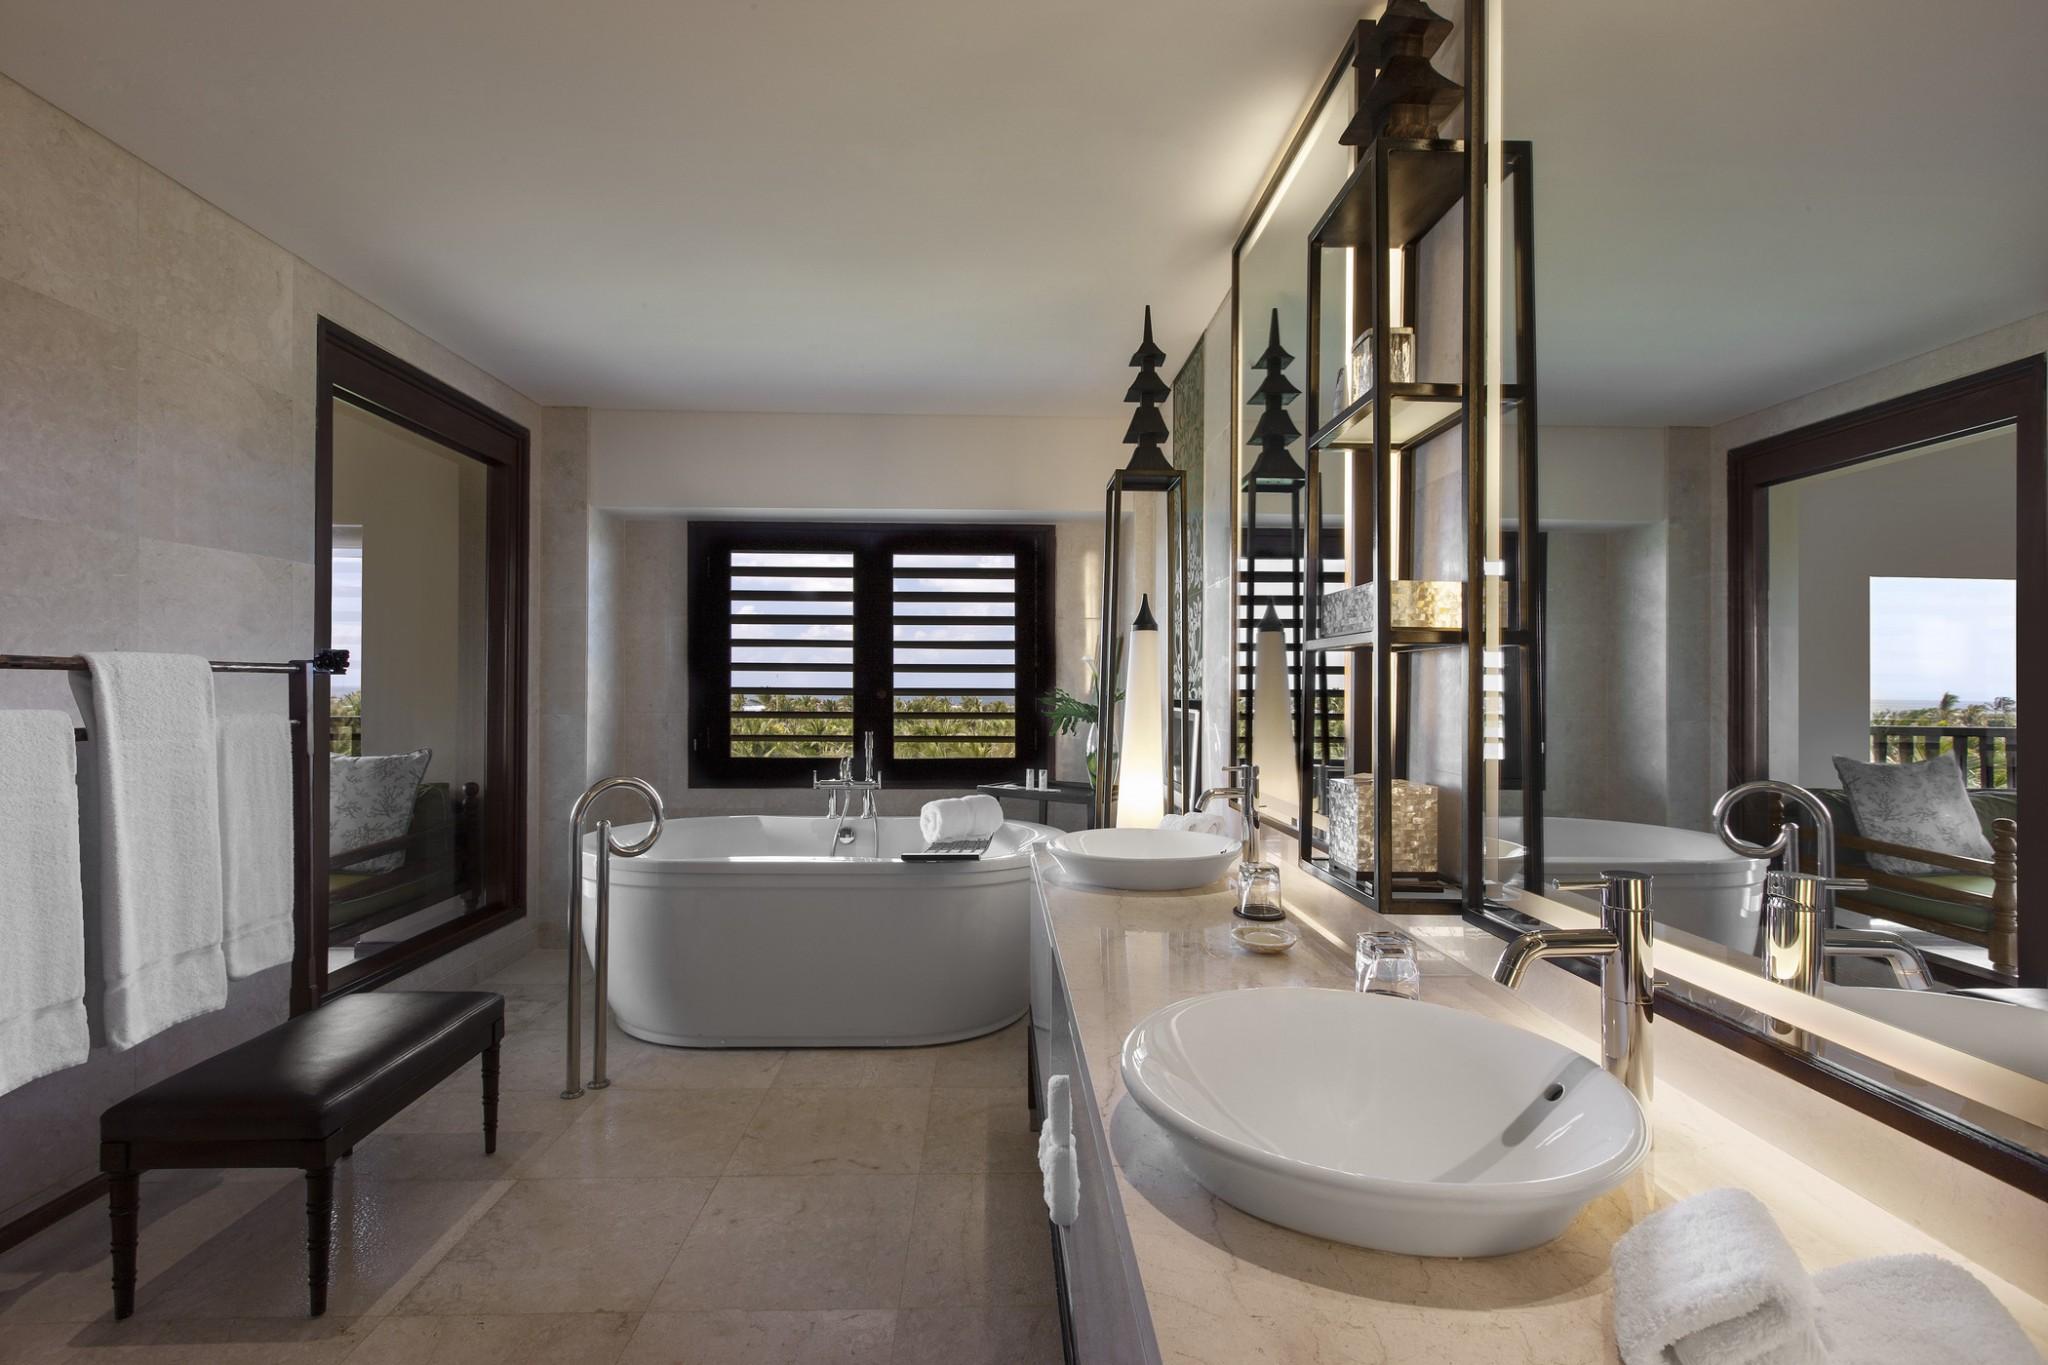 St Regis Ocean View Suite - Bathroom